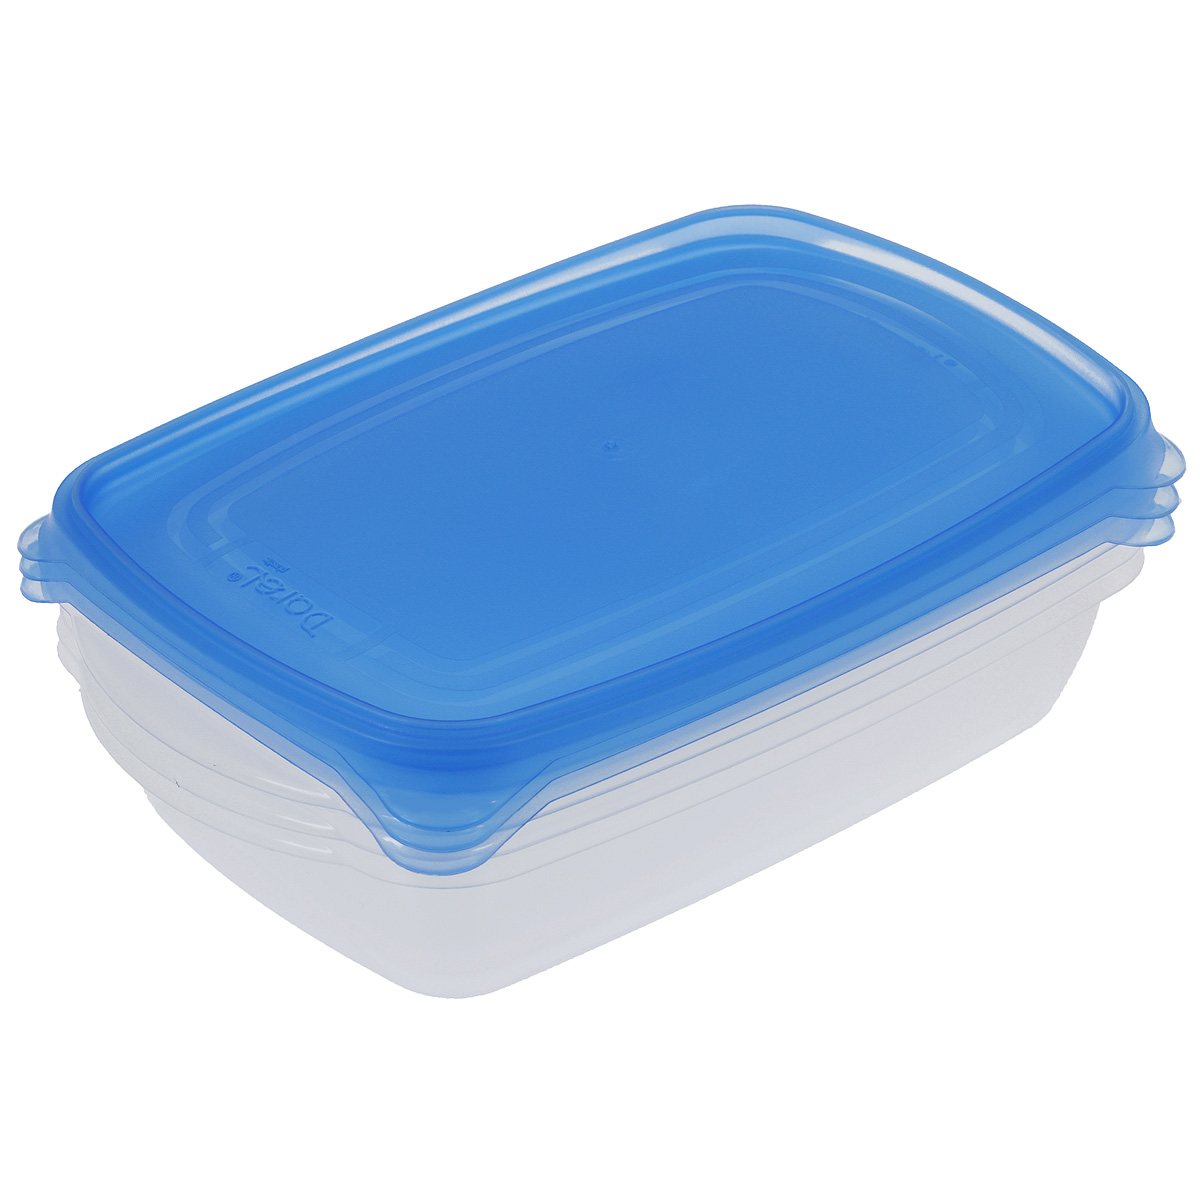 Набор контейнеров Darel, цвет: синий, 1,3 л, 3 шт40402Набор Darel состоит из трех прямоугольных контейнеров. Изделиявыполнены из высококачественного пищевого полипропилена. Крышки легкооткрываются и плотно закрываются с помощью легкого щелчка. Подходят для хранения и транспортировки пищи. Складываются друг в друга, чтоэкономит пространство при хранении в шкафу.Контейнеры подходят для использования в микроволновой печи без крышек, атакже для заморозки в морозильной камере. Можно мыть в посудомоечноймашине.